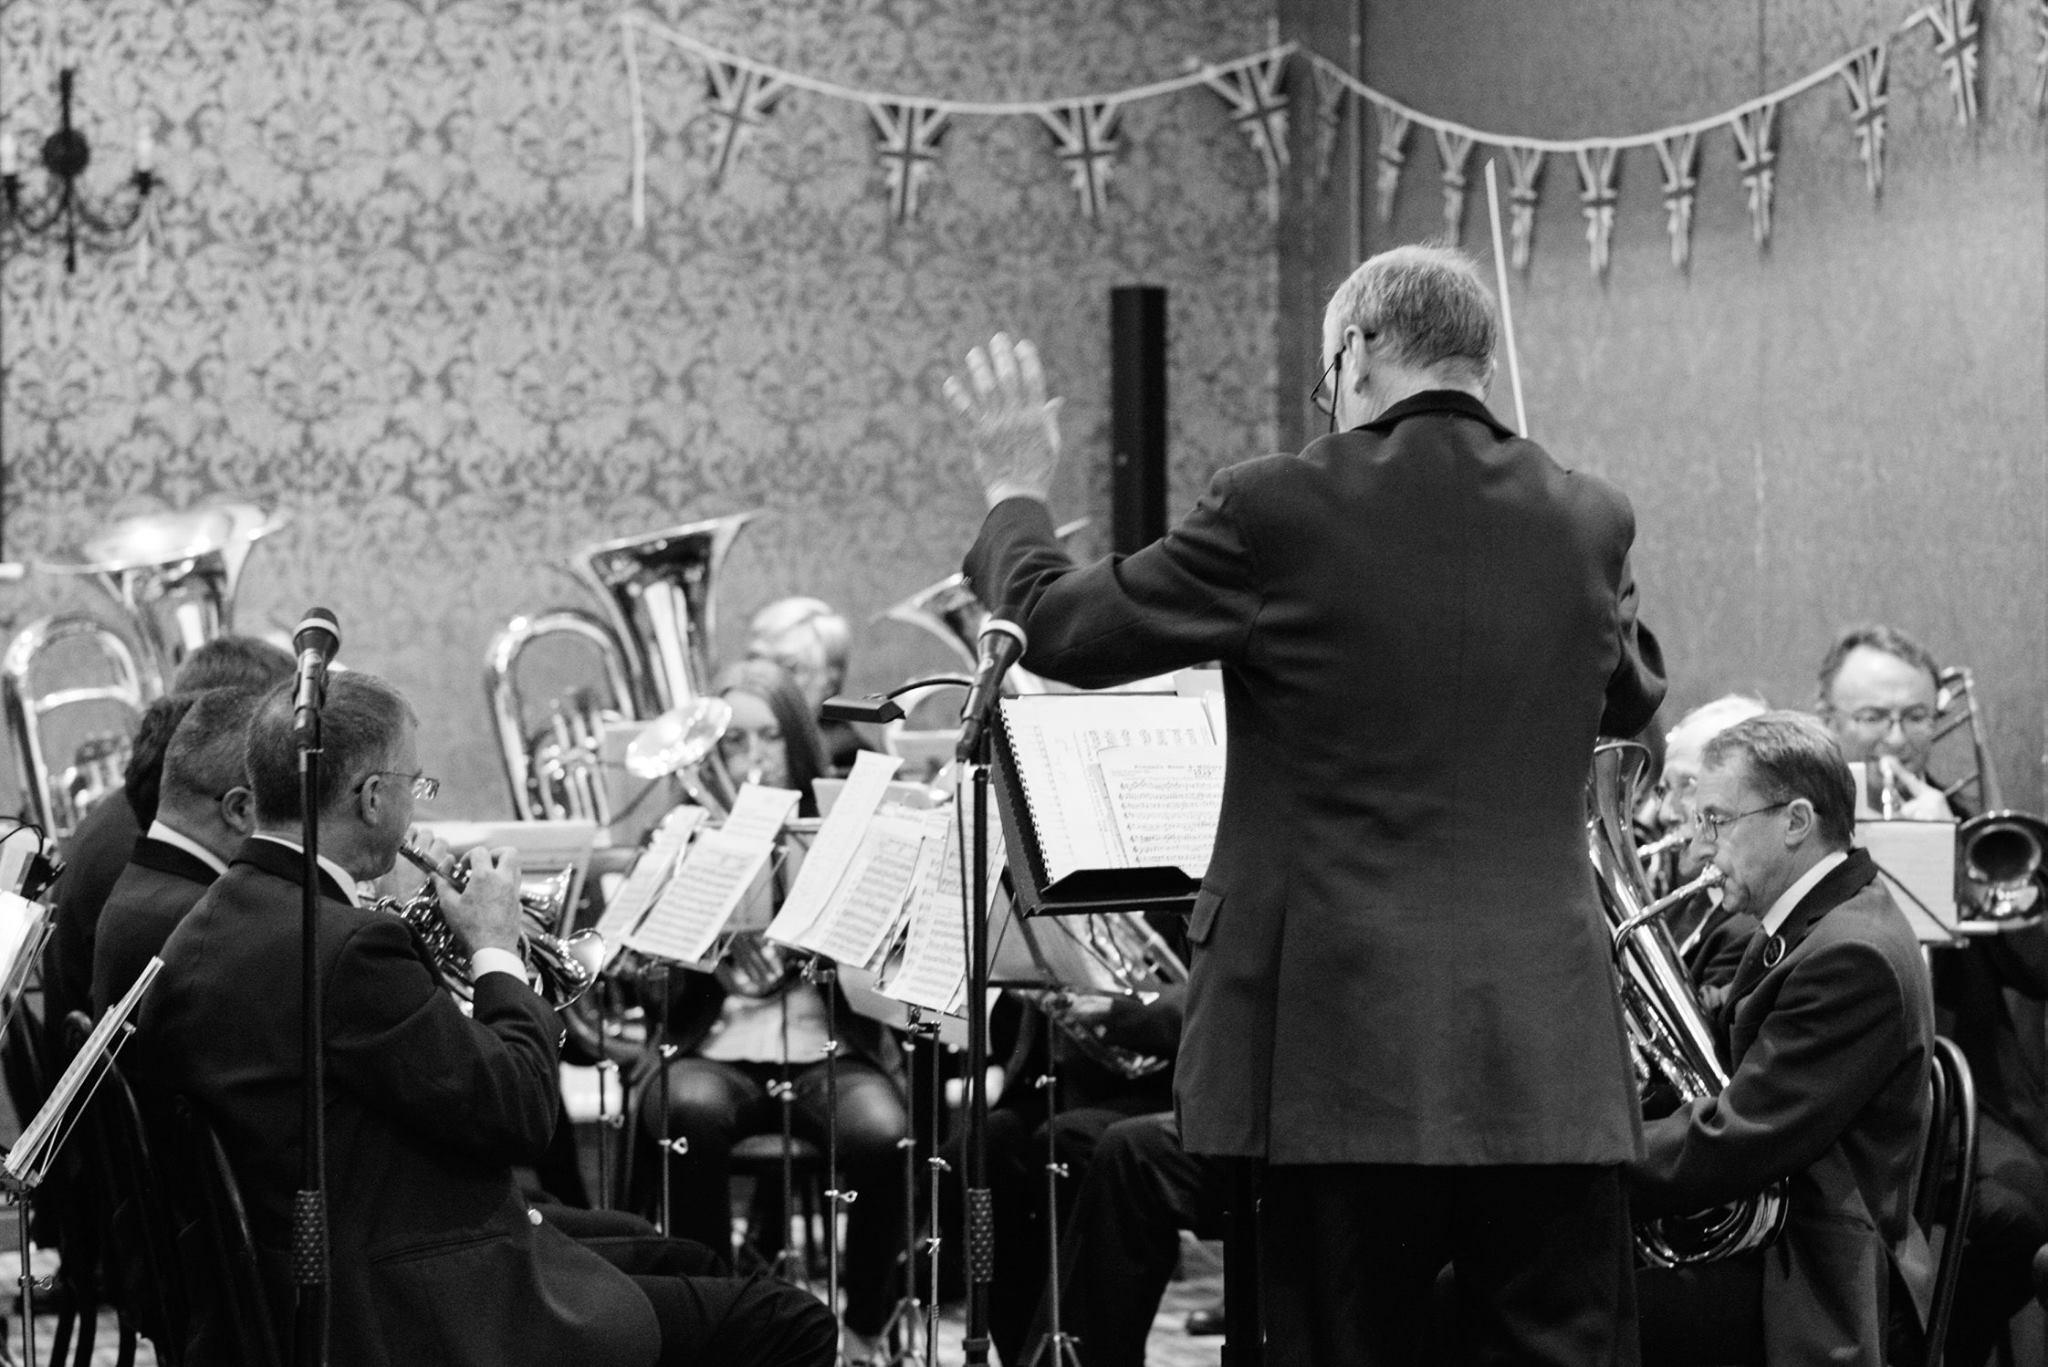 RAF 100 concert at Hexham Mart